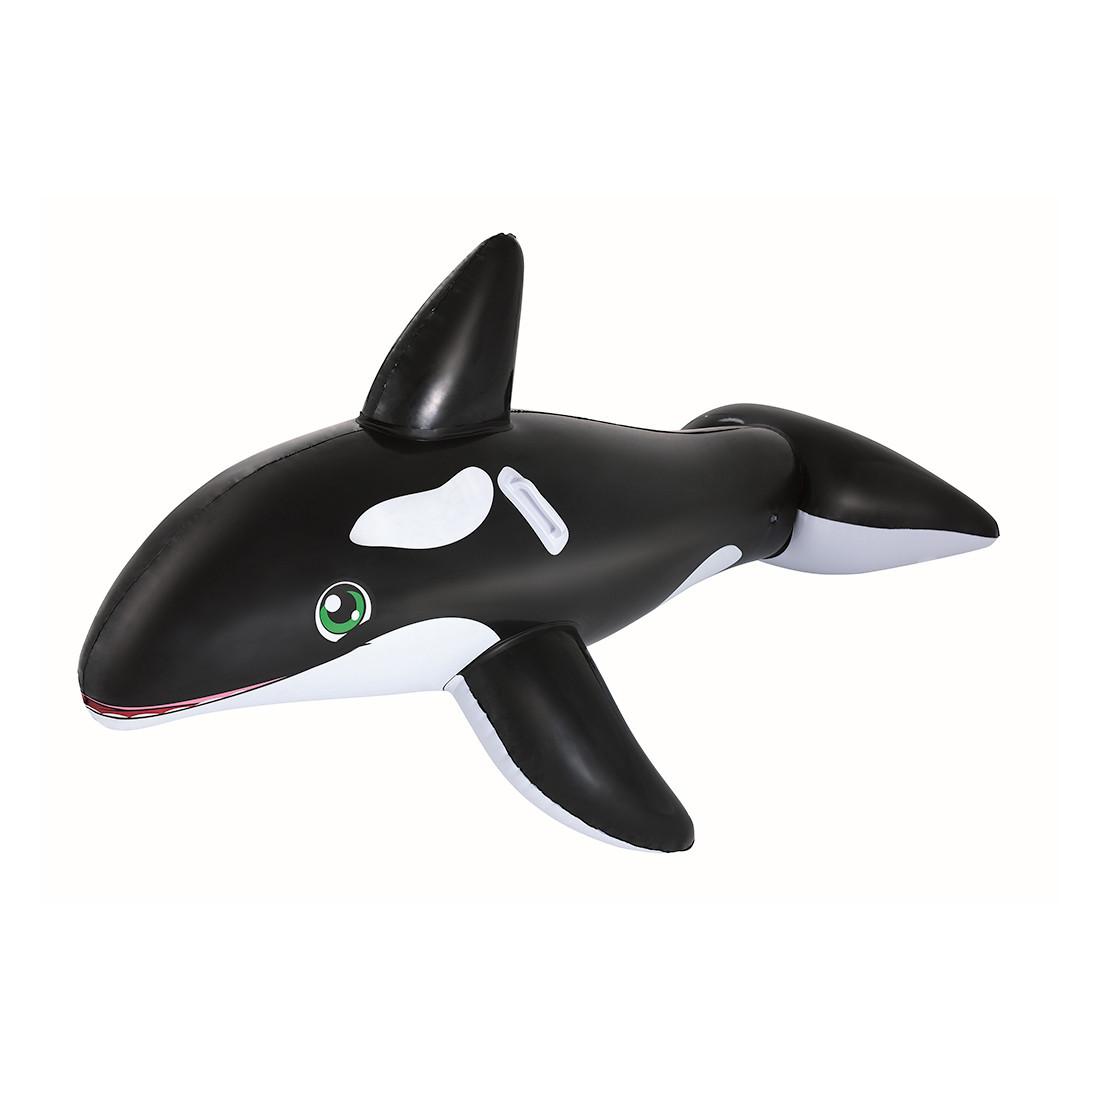 Надувная игрушка Bestway Касатка, 1 место Возрост: От 3 лет, Винил, Цвет: Чёрно-белая